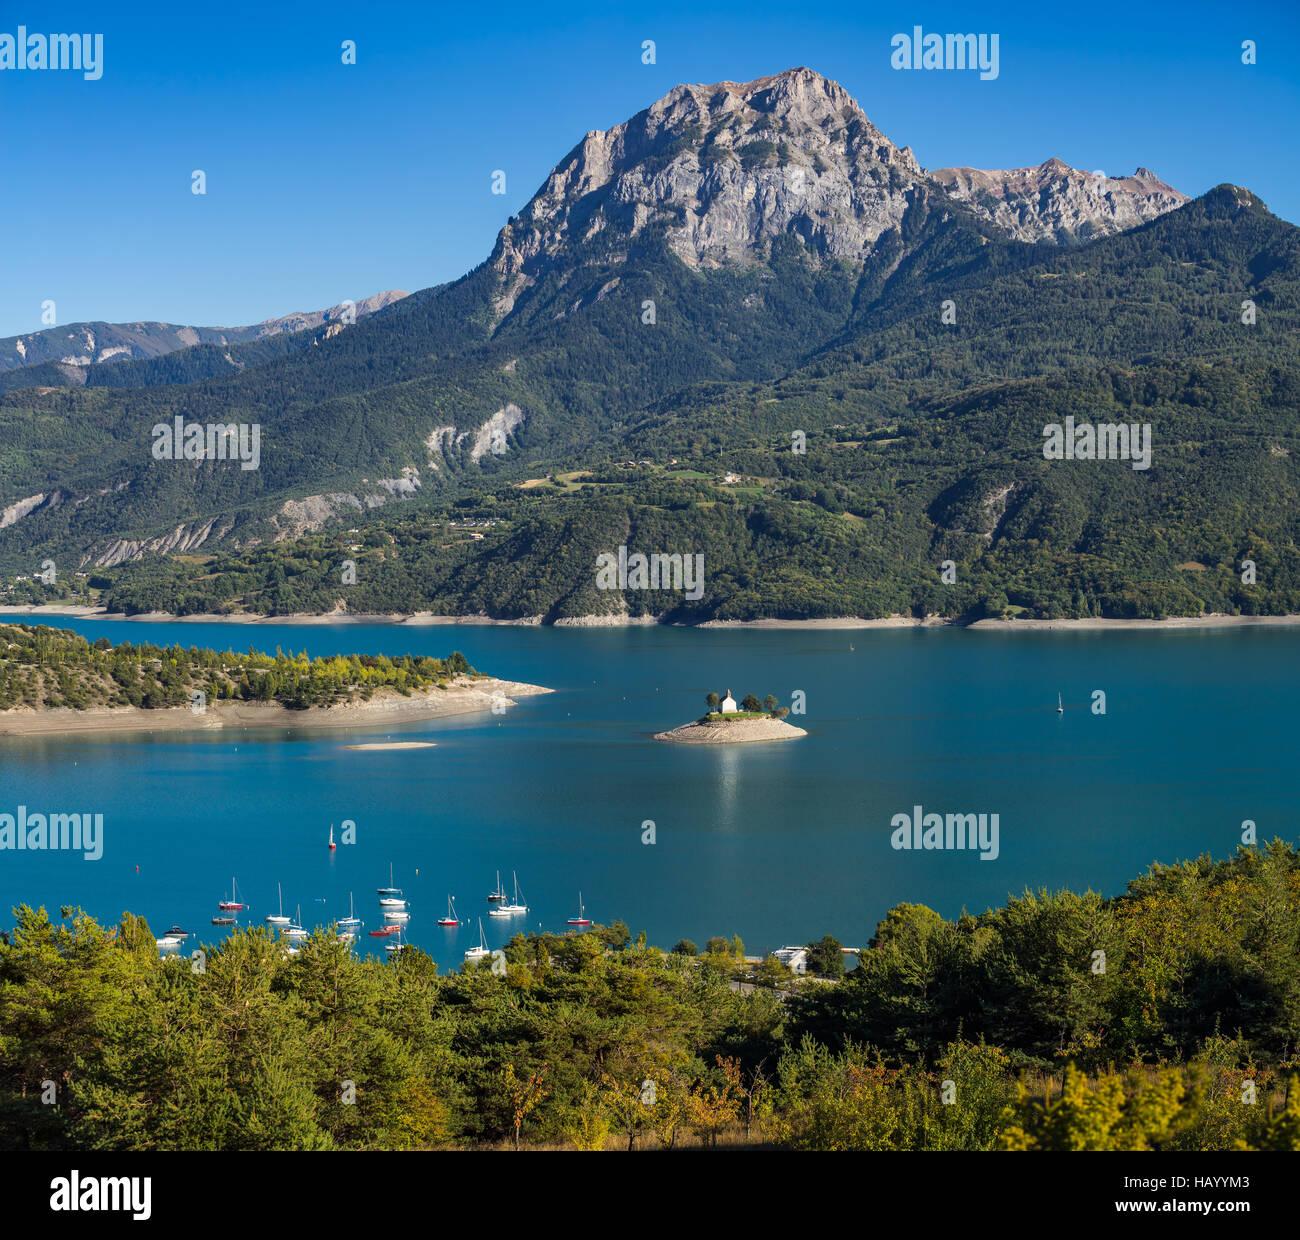 Lac De Saint Michel Stock Photos & Lac De Saint Michel Stock Images